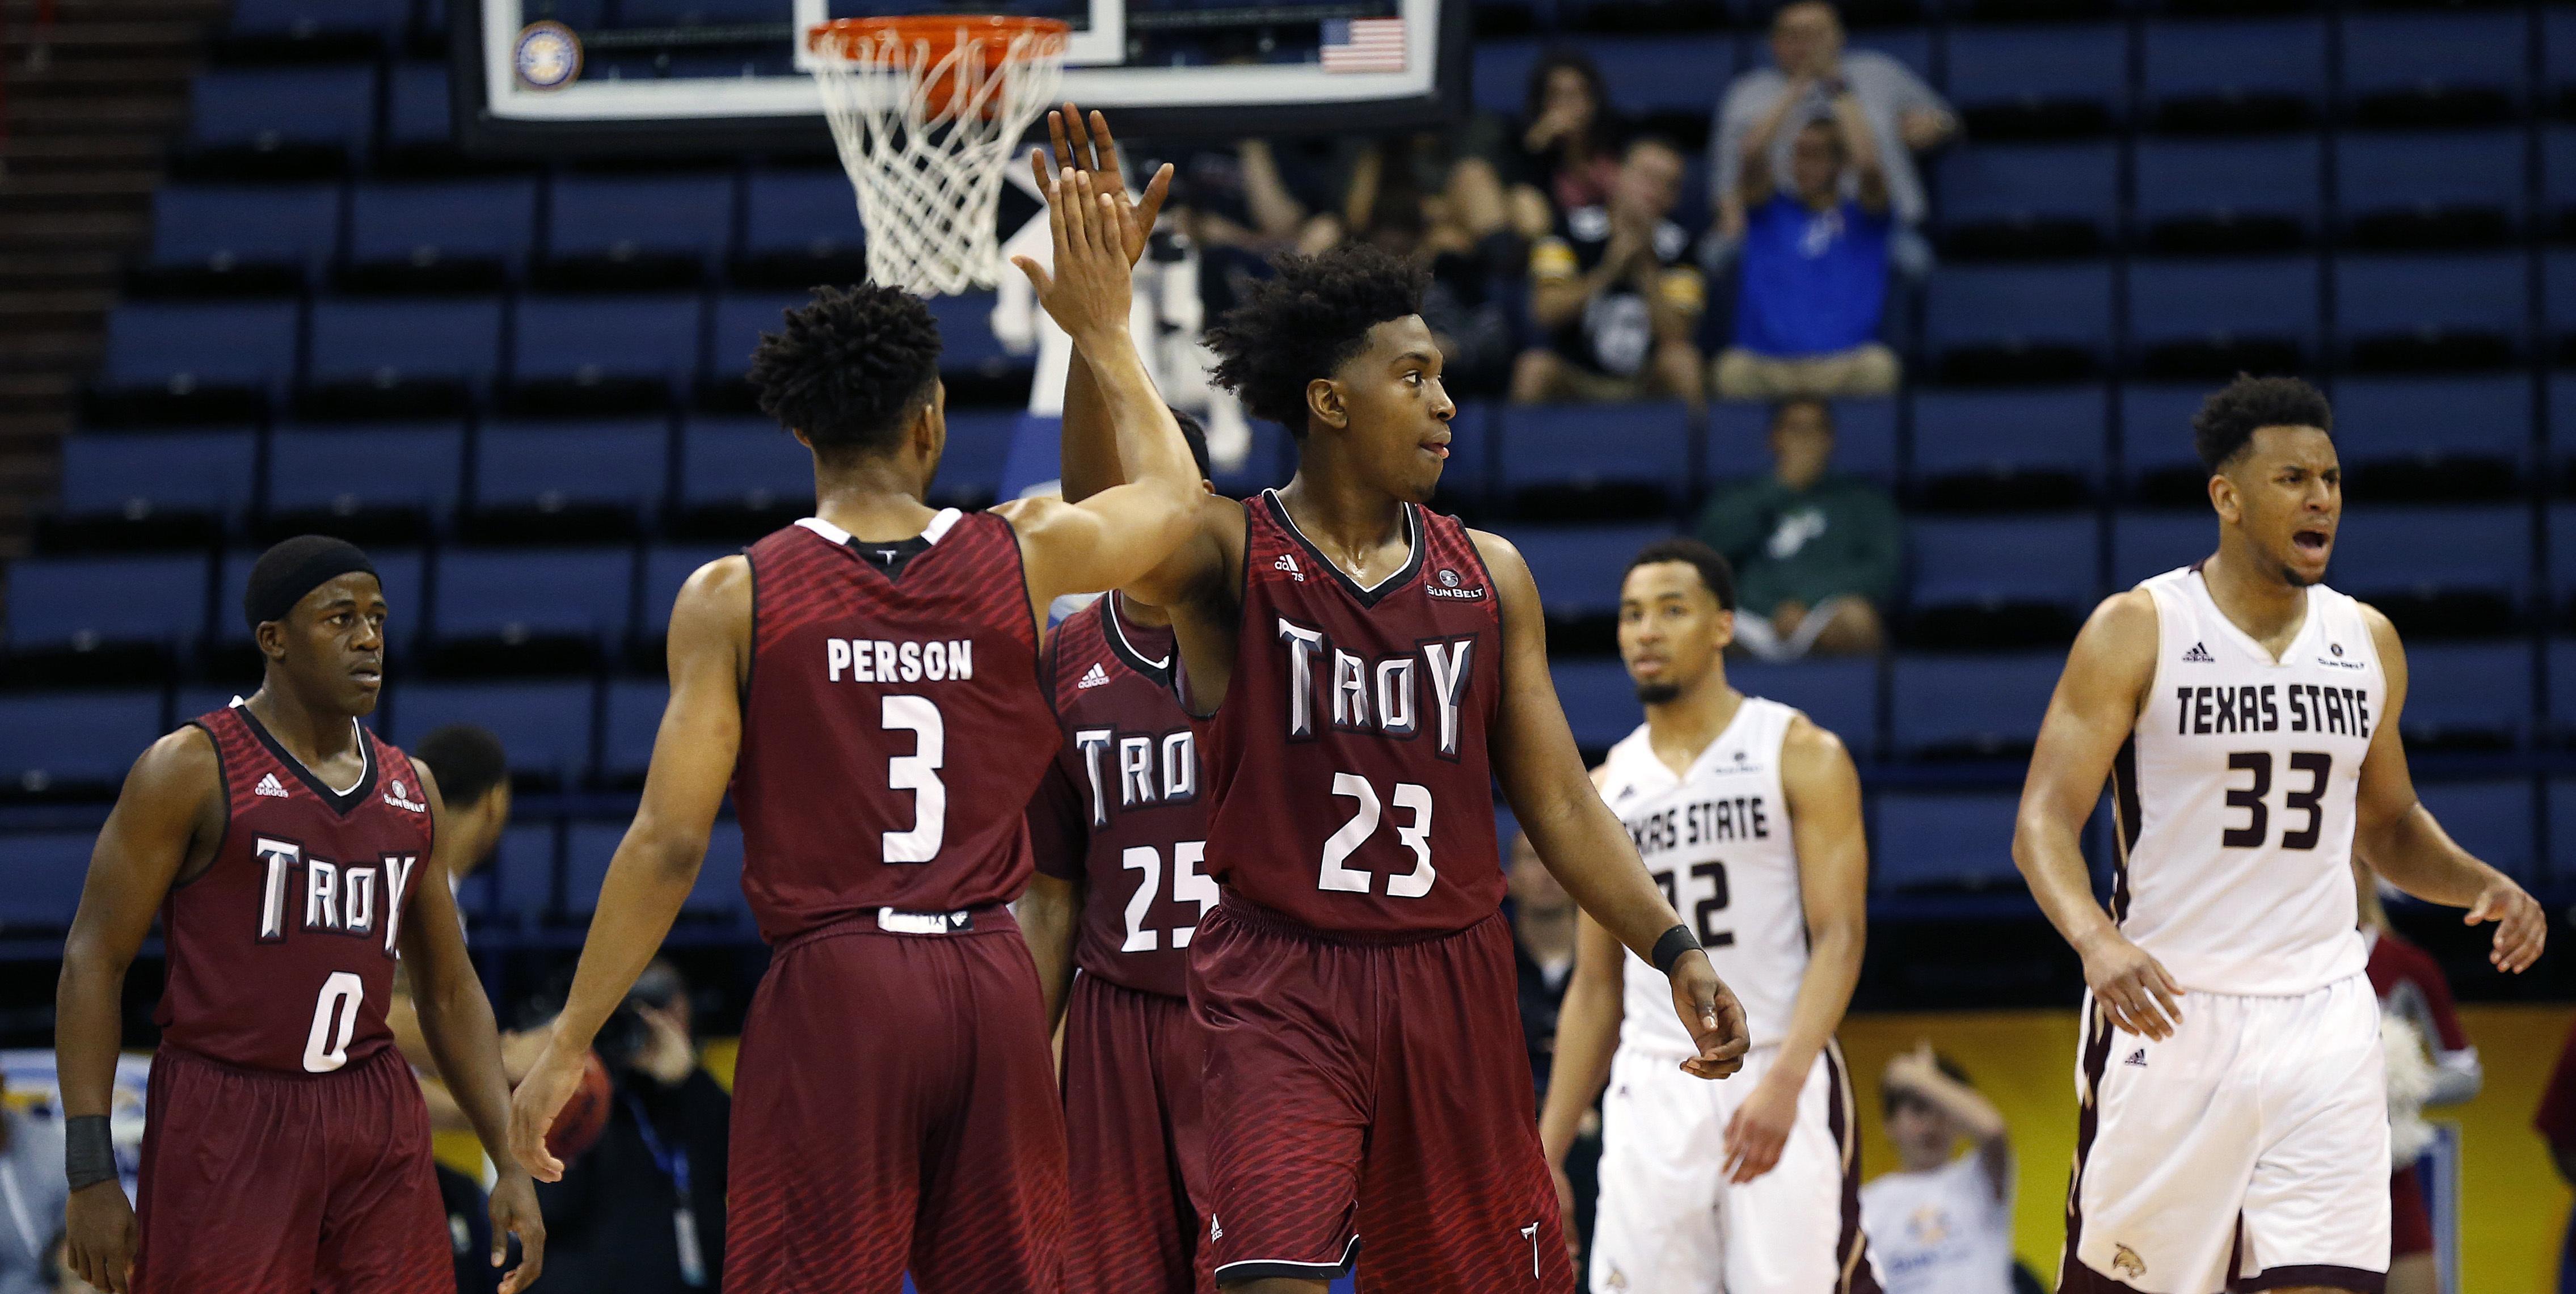 Sbelt_troy_texas_st_basketball_12522